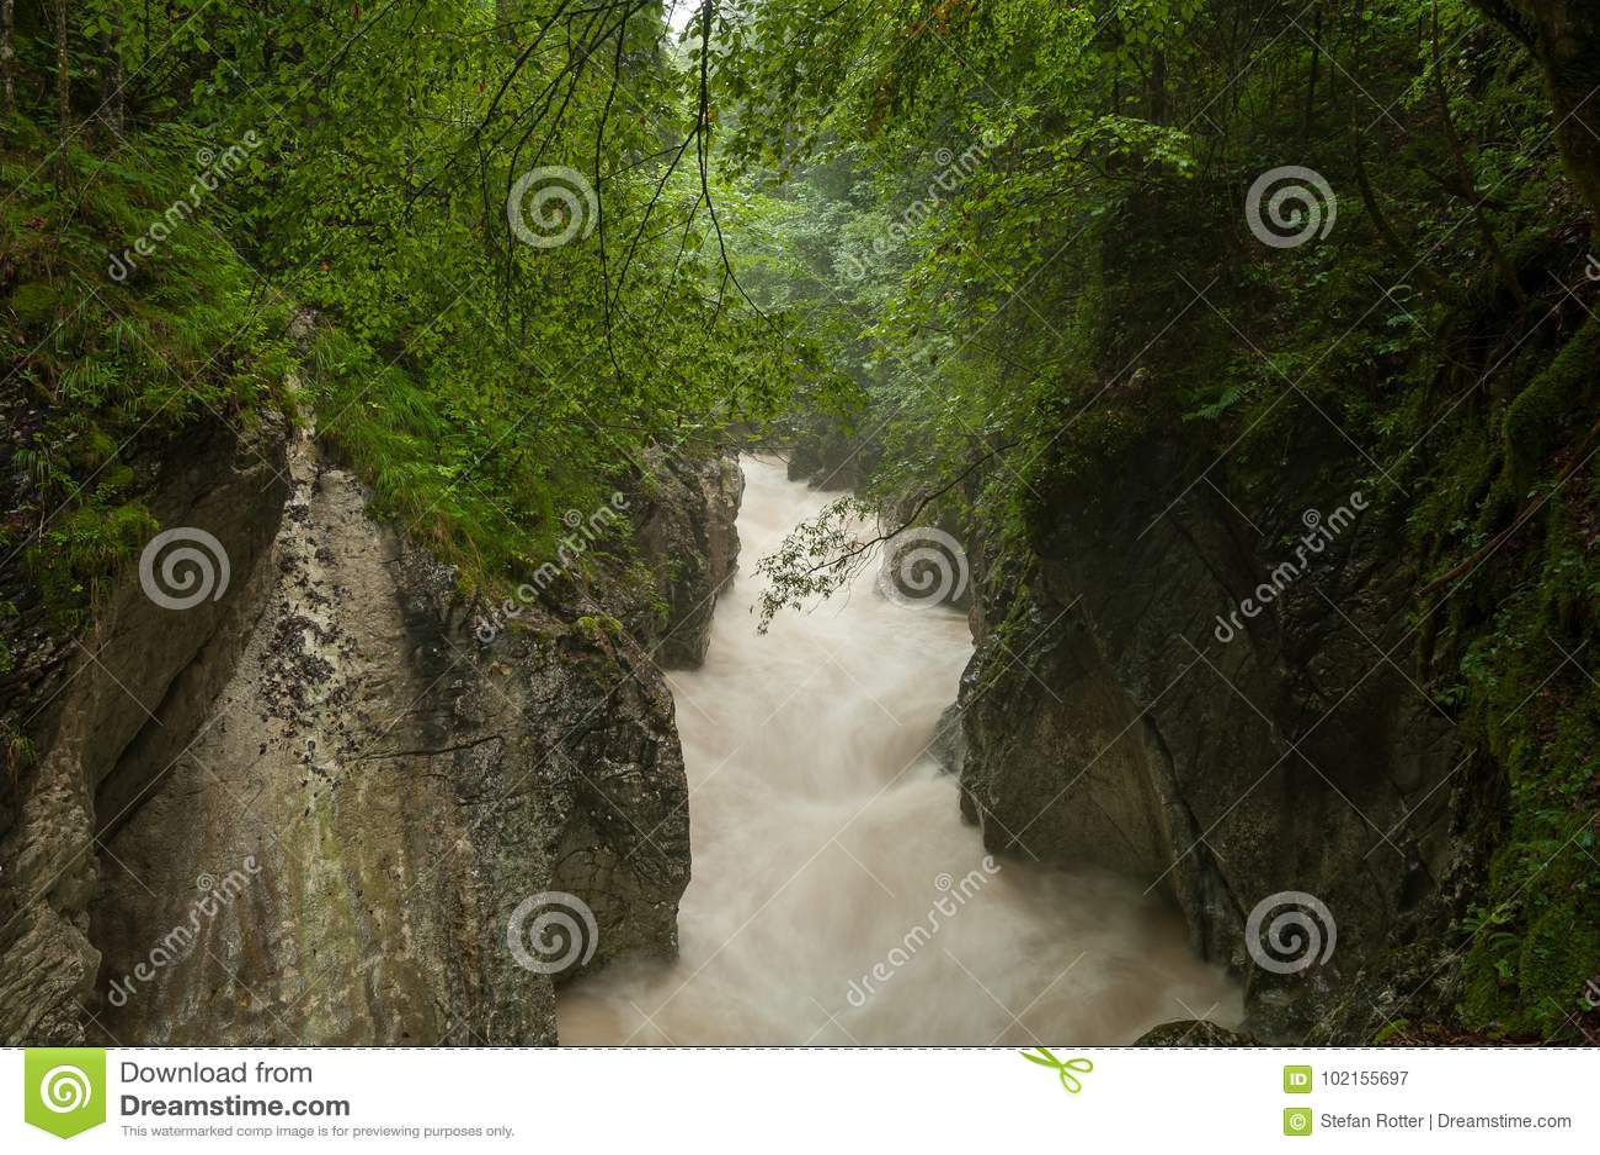 Rettenbachrivier na zware regenval in de zomer